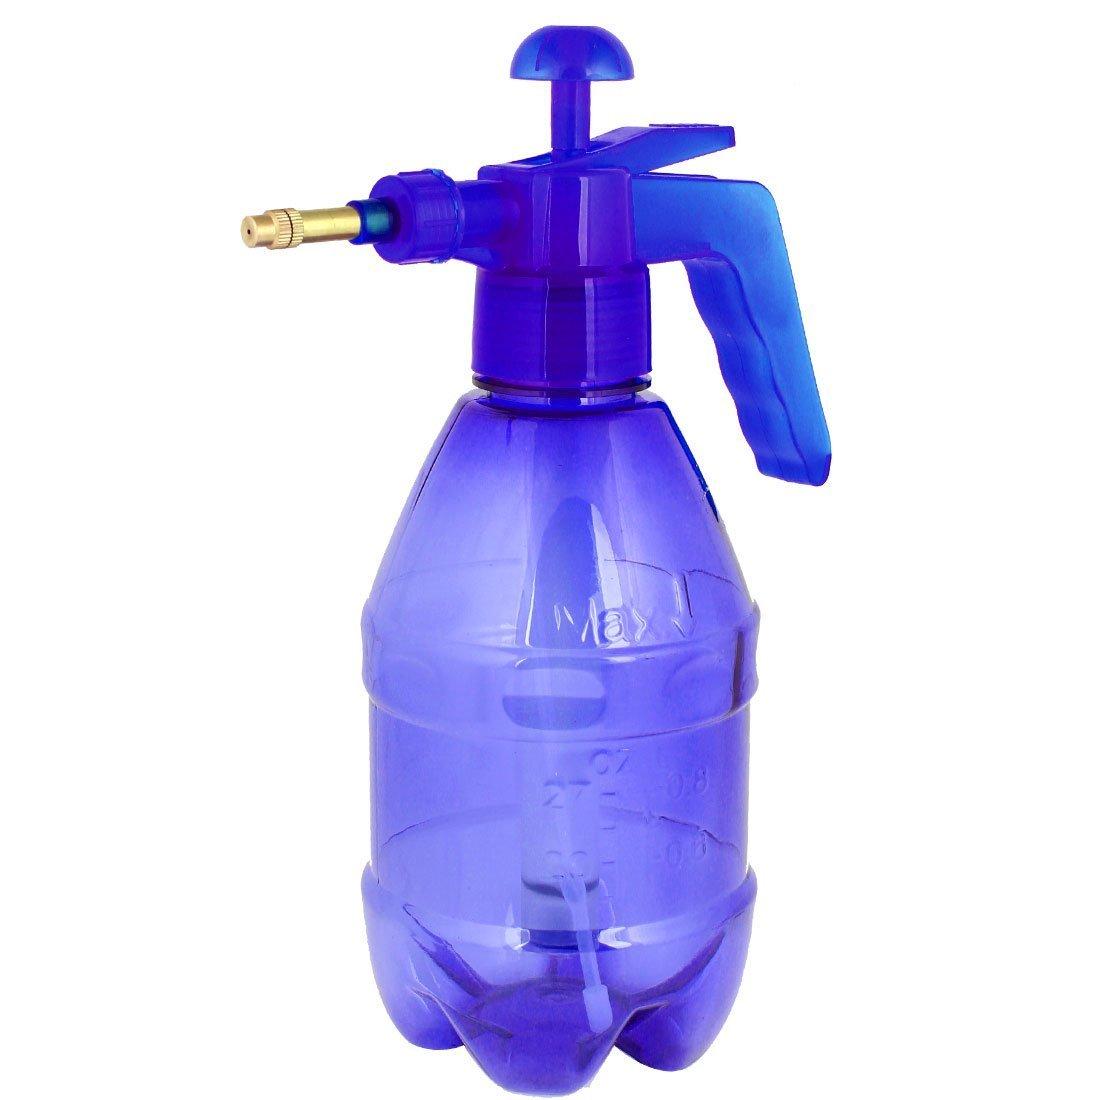 KINGSUNG Pressure 1.5L chemical Sprayer for water plants Spray Bottle Light blue